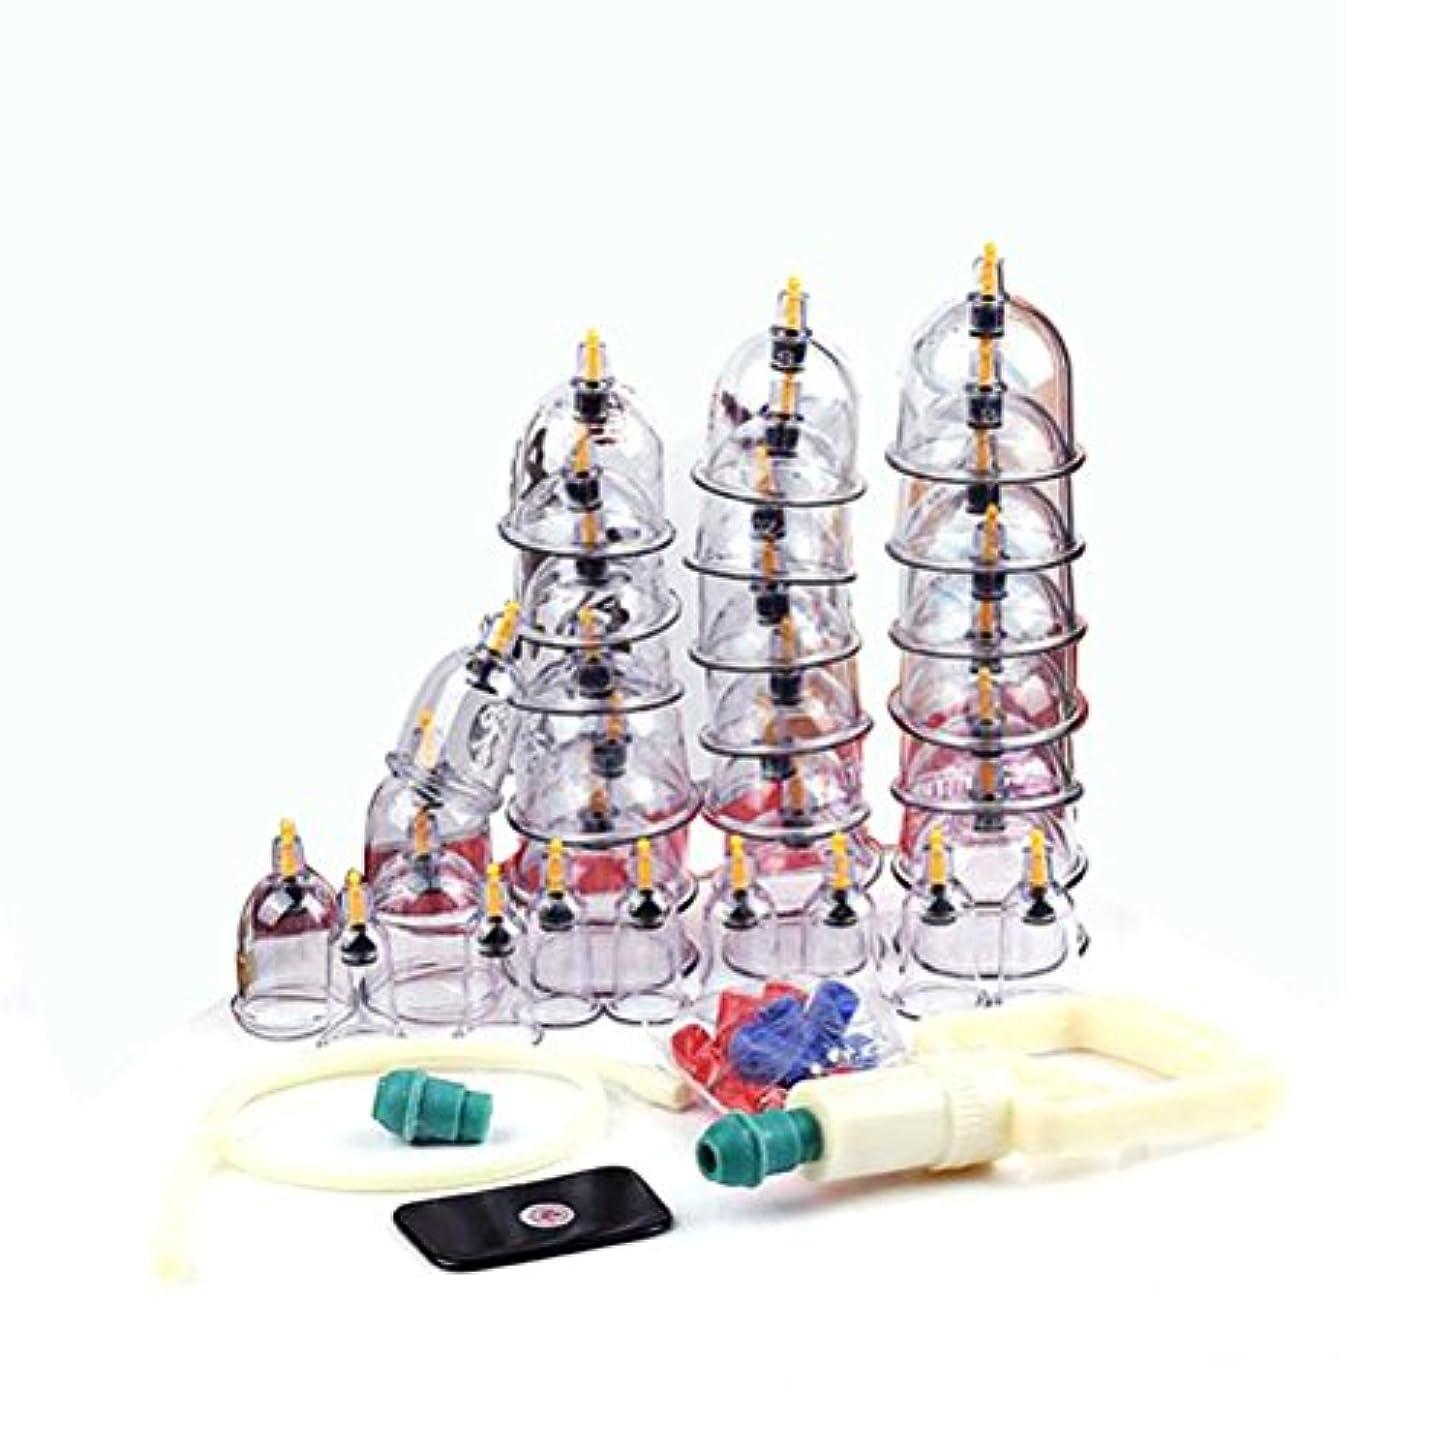 勘違いする費やすベックスROSENICE カッピングセラピー漢方吸引磁気ヘッド鍼治療マッサージセット(図示)